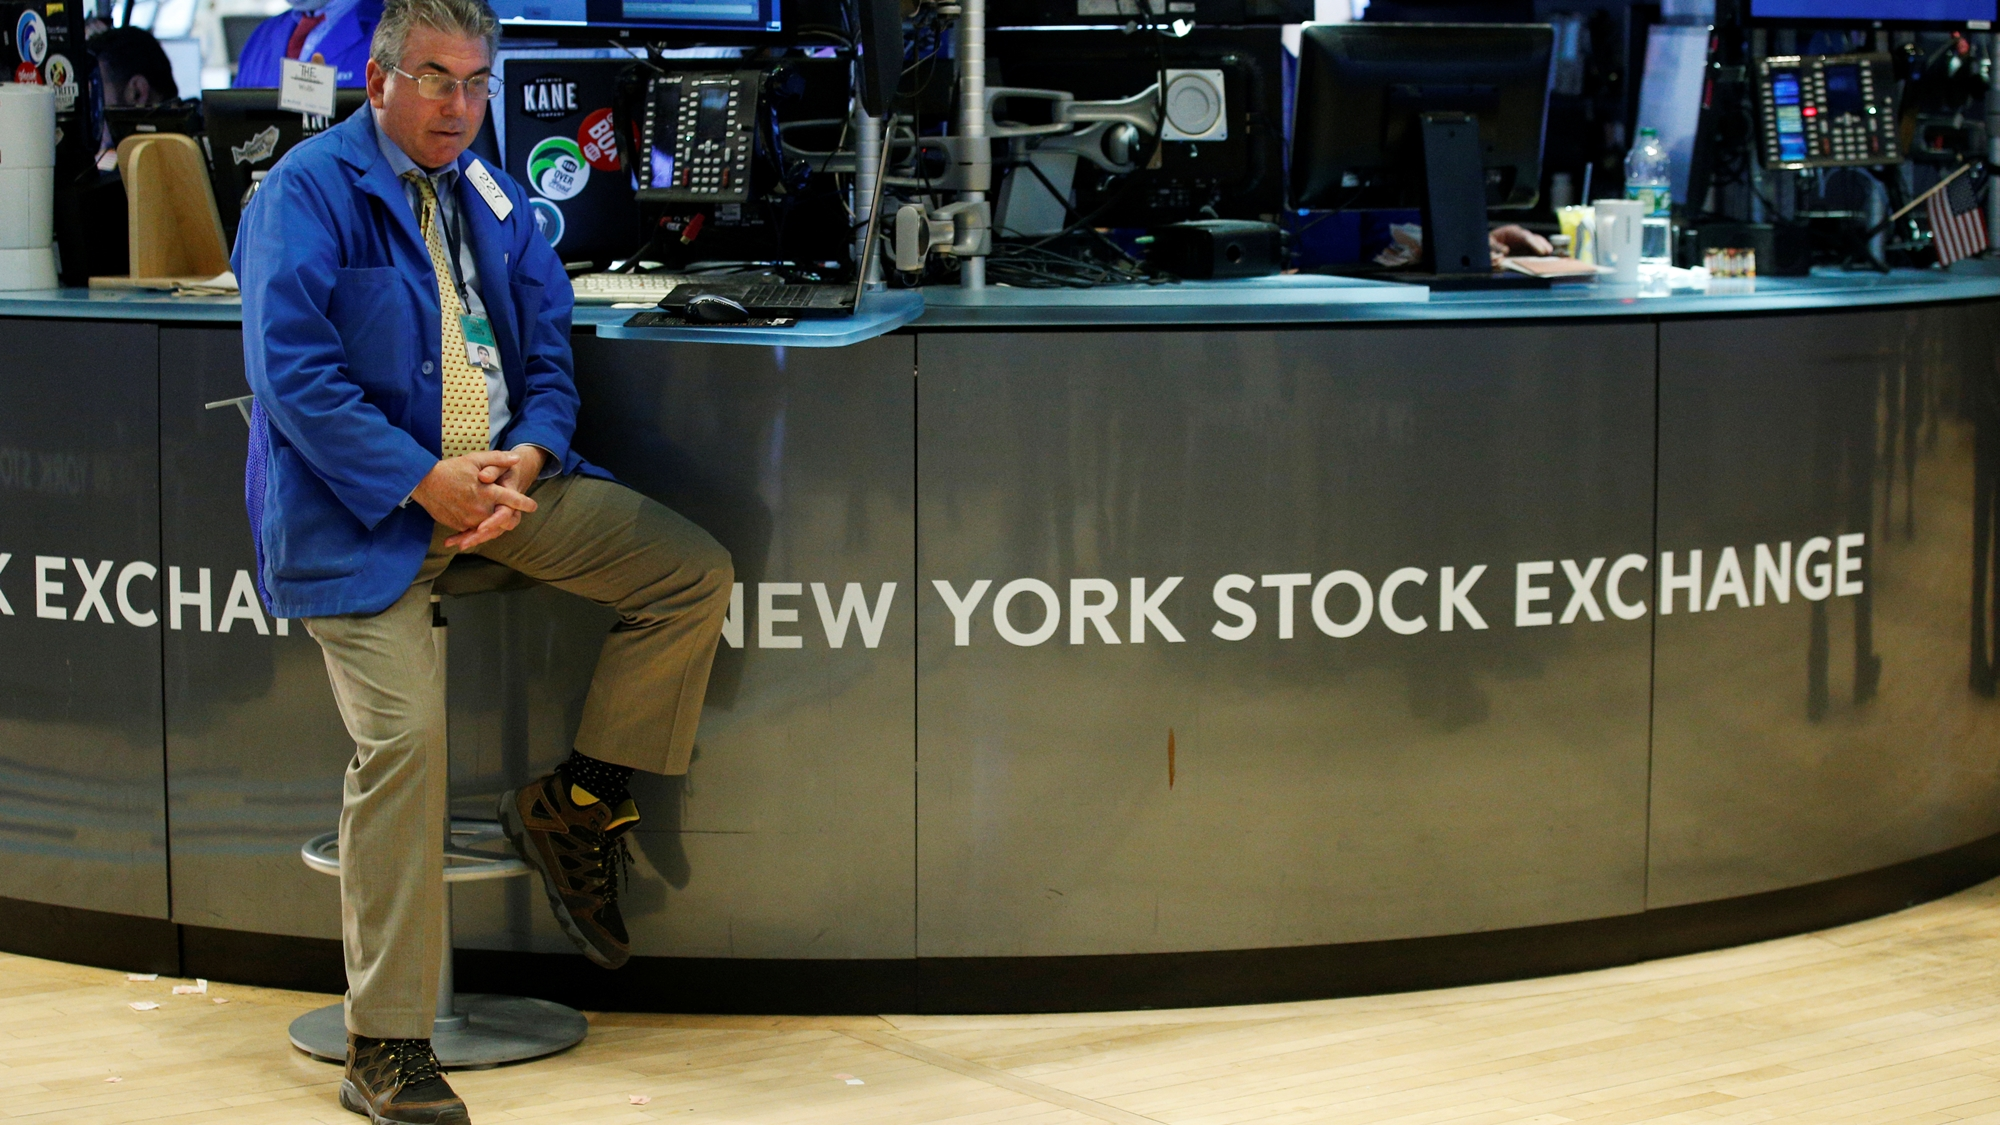 El sector financiero arrastra a S&P 500 a su quinta caída consecutiva